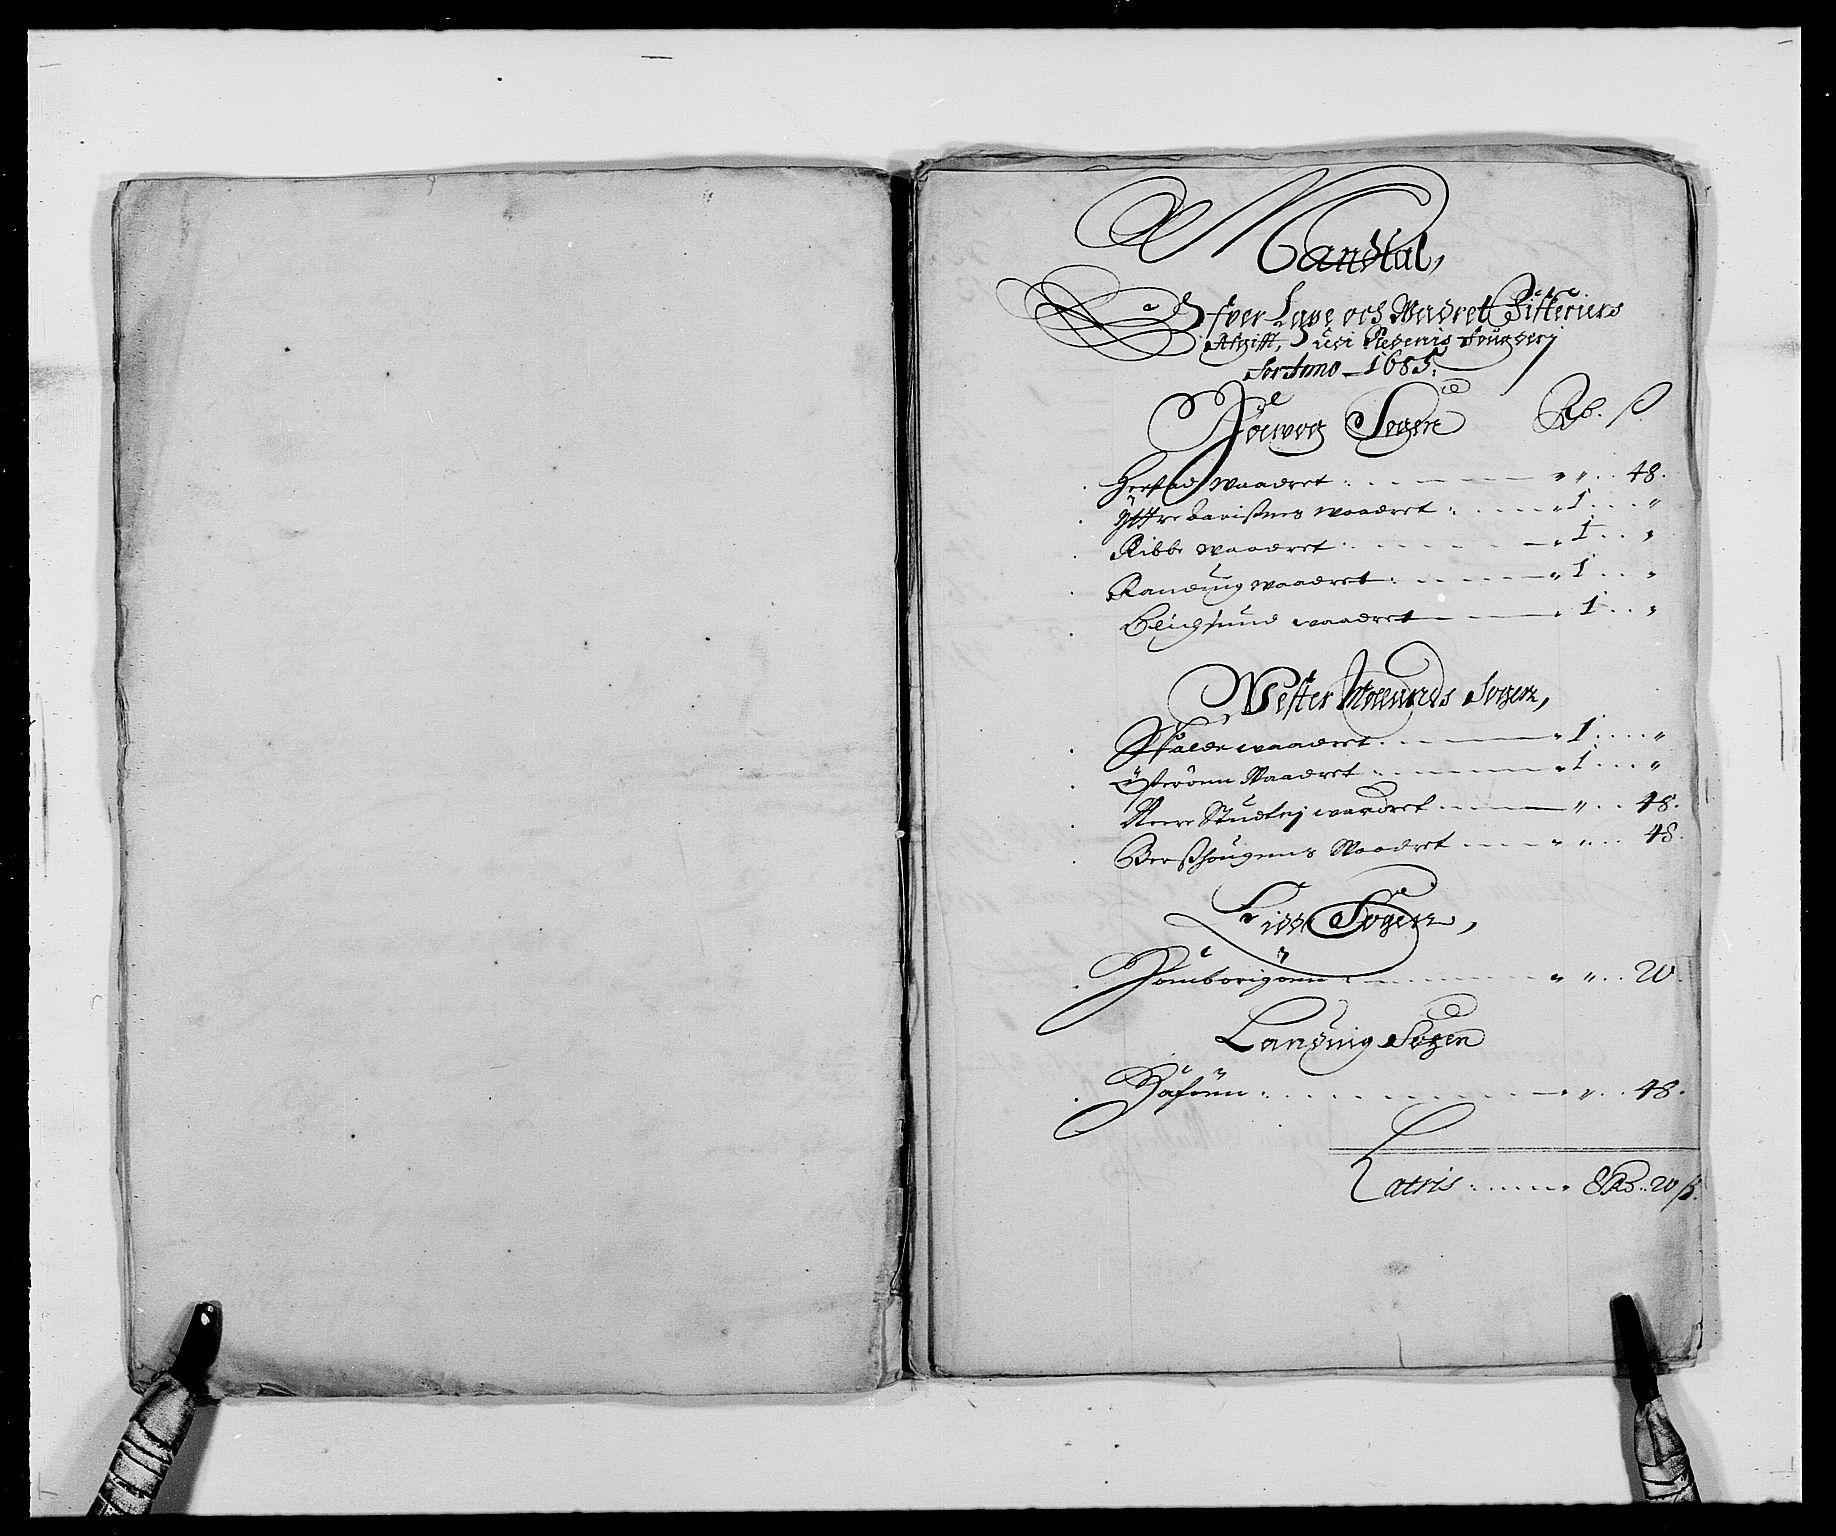 RA, Rentekammeret inntil 1814, Reviderte regnskaper, Fogderegnskap, R39/L2308: Fogderegnskap Nedenes, 1684-1689, s. 200